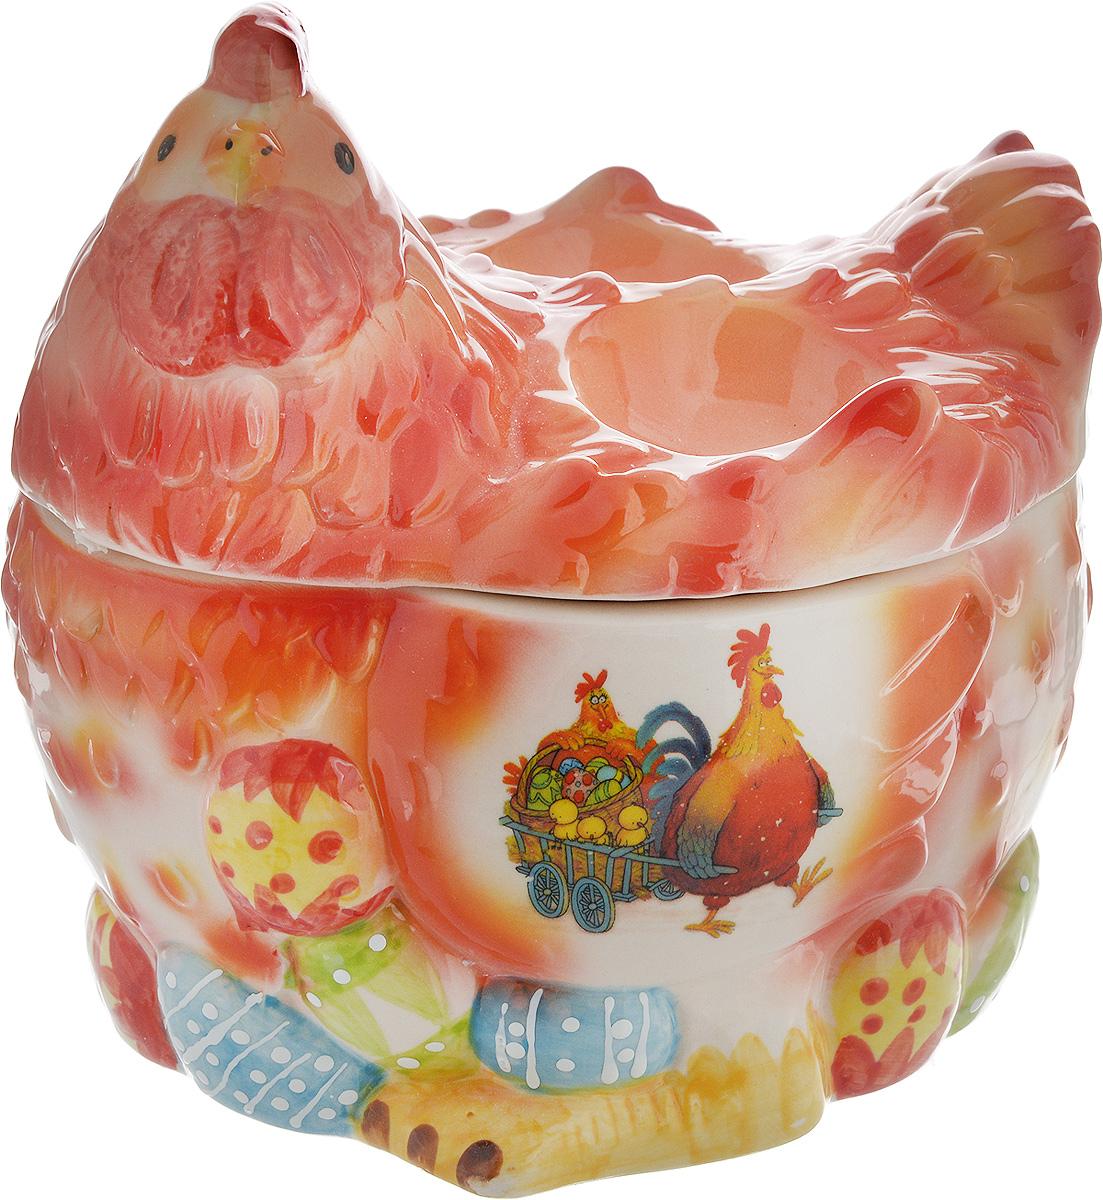 Ваза Win Max Курочка, для пасхальных яиц и угощений, 16 х 17 х 14 см14027Ваза Win Max изготовлена из высококачественной керамики с глазурованным покрытием и оформлена рельефным рисунком. Изделие дополнено крышкой, которая выполнена в виде фигурки курочки. На крышке расположены две подставки для яиц. Оригинальный дизайн украсит интерьер вашей кухни, а функциональность порадует любую хозяйку. Размеры емкости (без учета крышки): 16 х 13х 9 смВысота крышки: 9 см